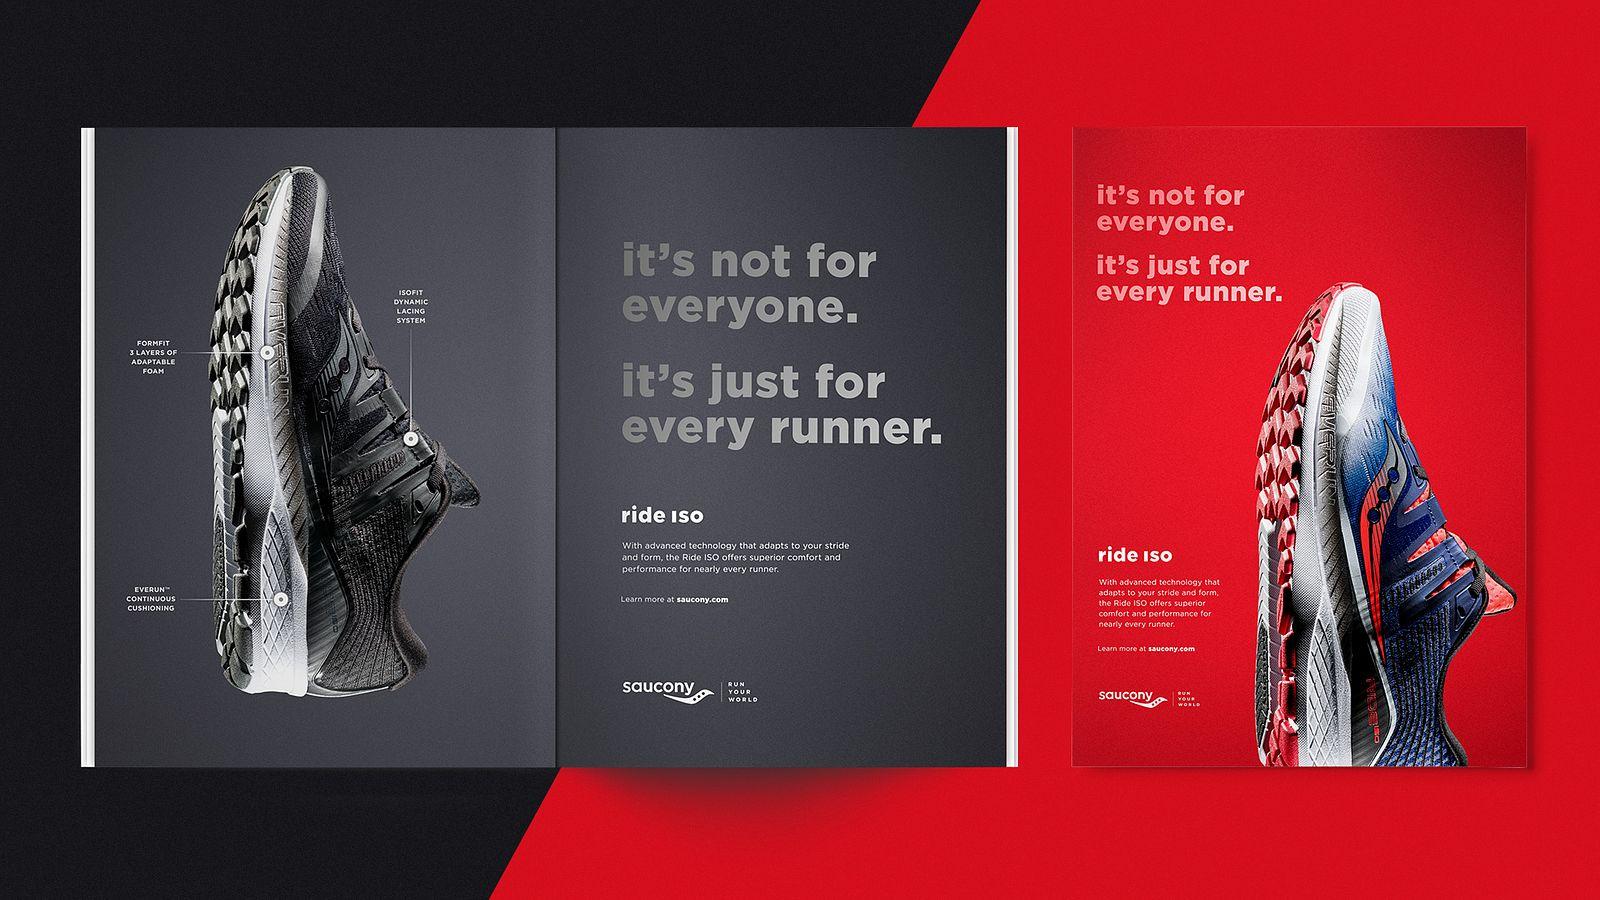 Ride ISO Print Designs by Someoddpilot